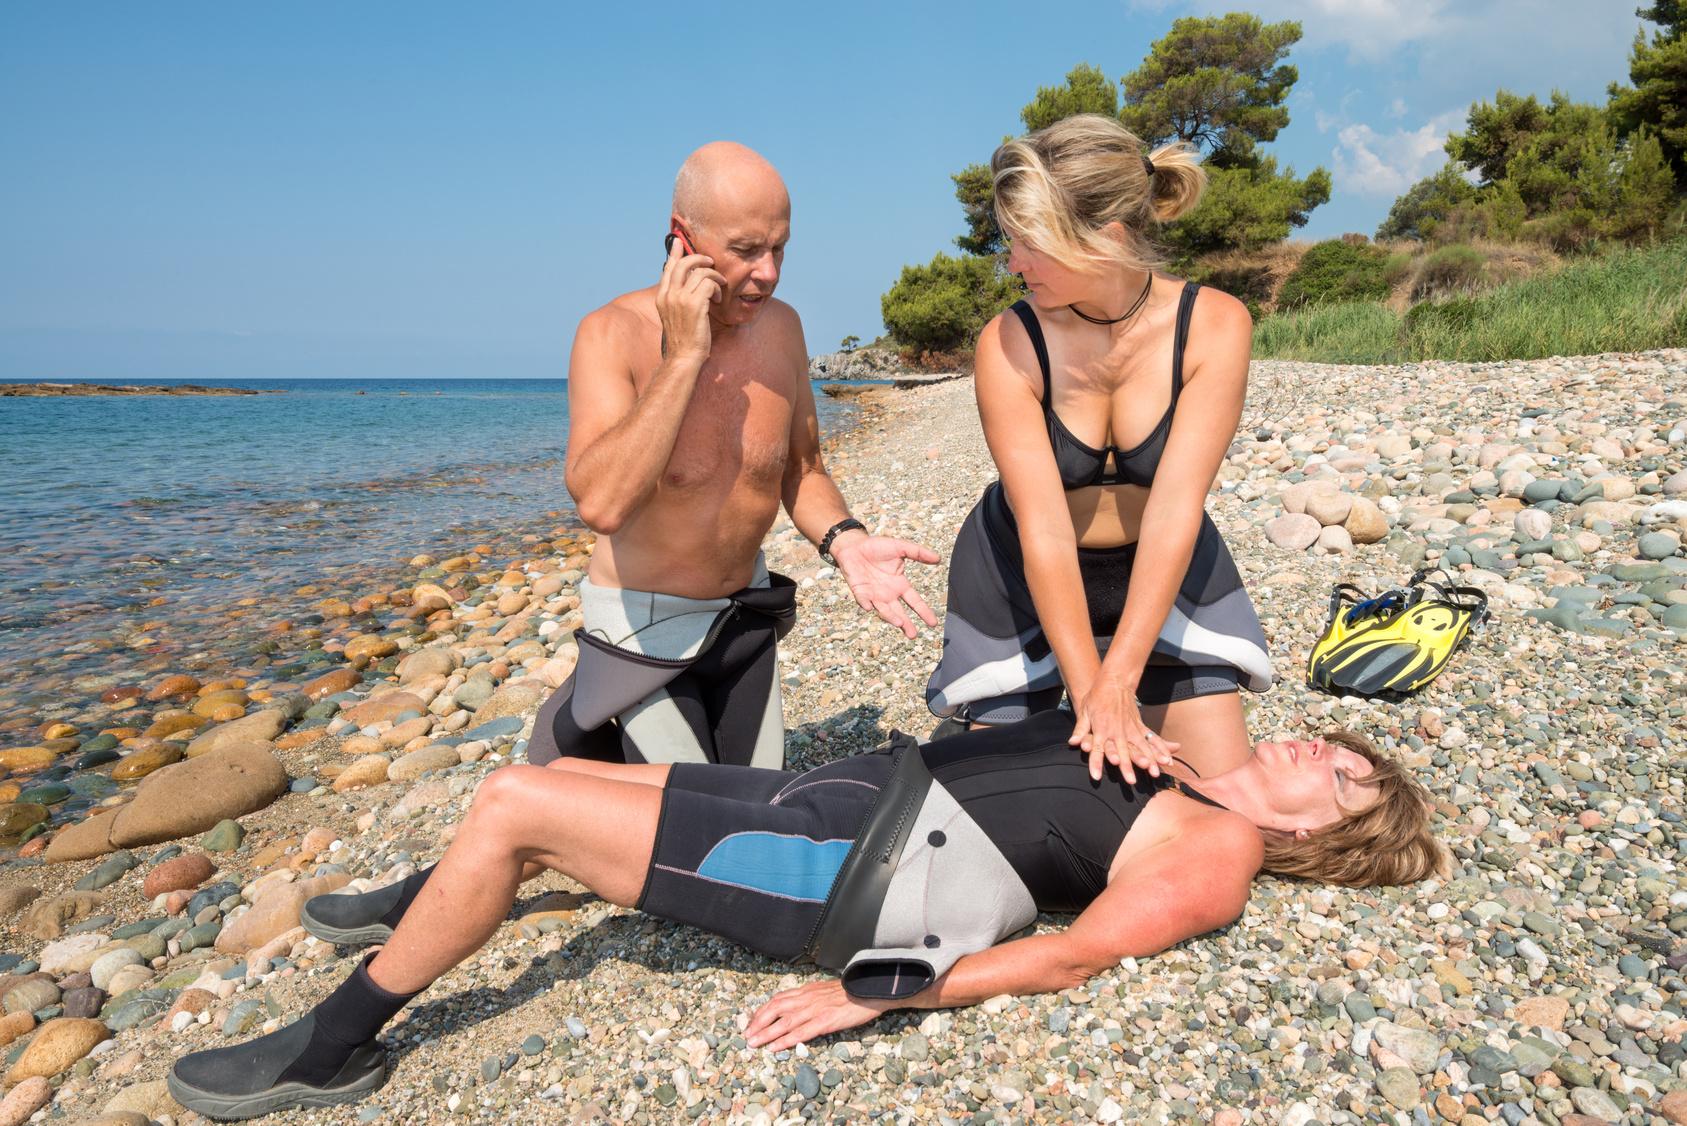 Eine Frau im Neoprenanzug wird am Strand reanimiert. Daneben kniet ein Mann und alarmiert die Rettungskräfte.